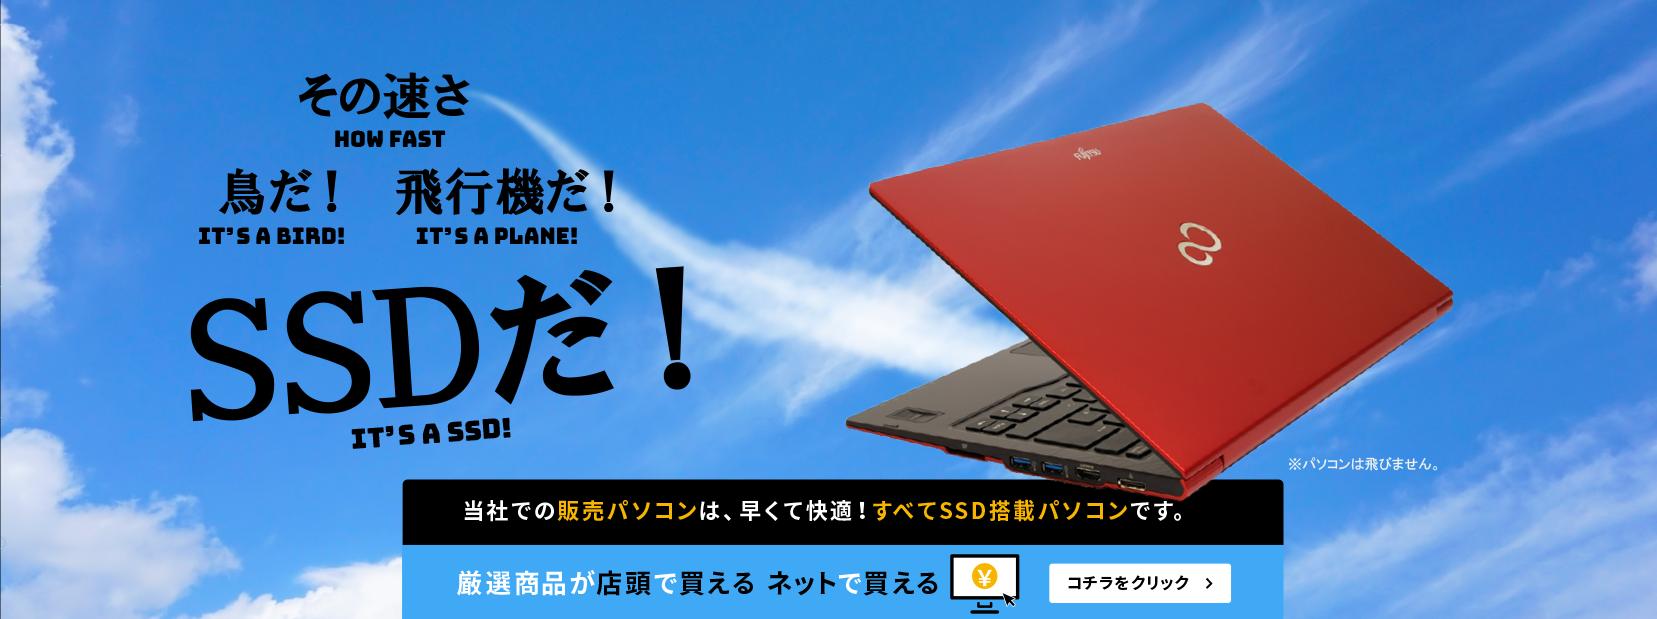 おかやまパソコン市場で販売しているPCはすべてSSD内蔵モデルです。